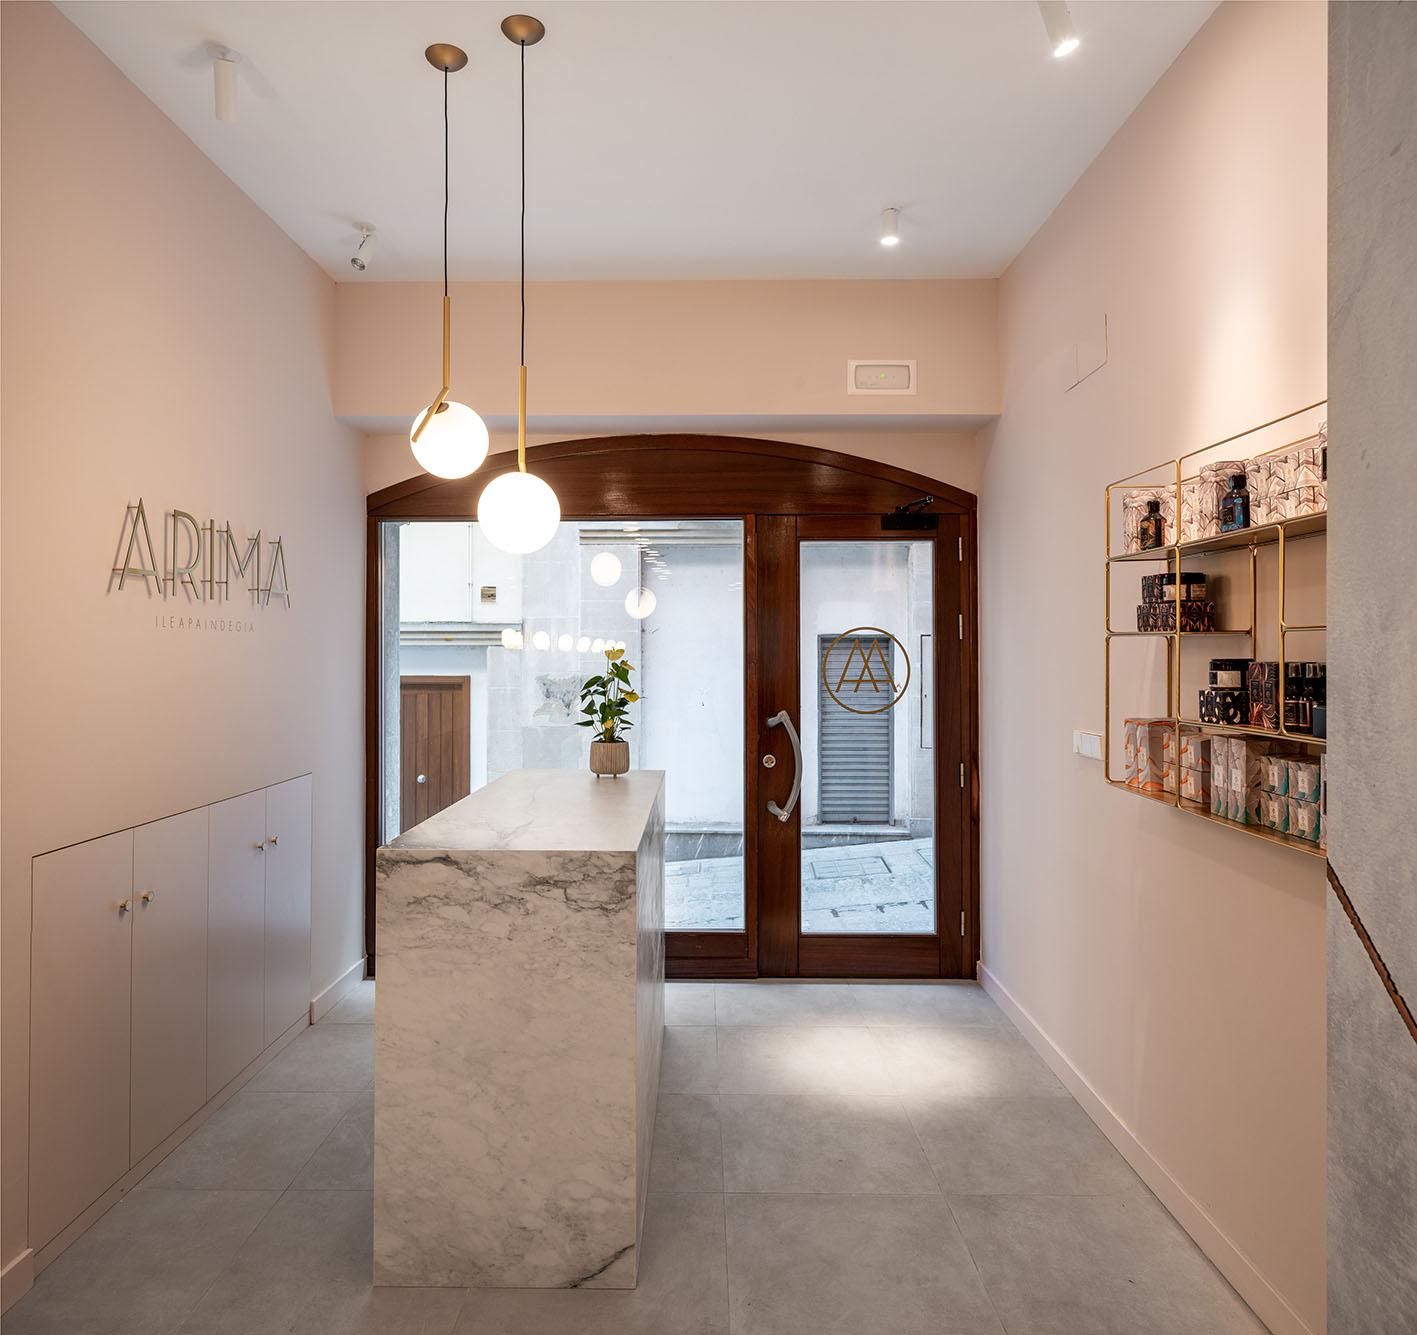 Fotografía de Arquitectura - Peluquería Arima